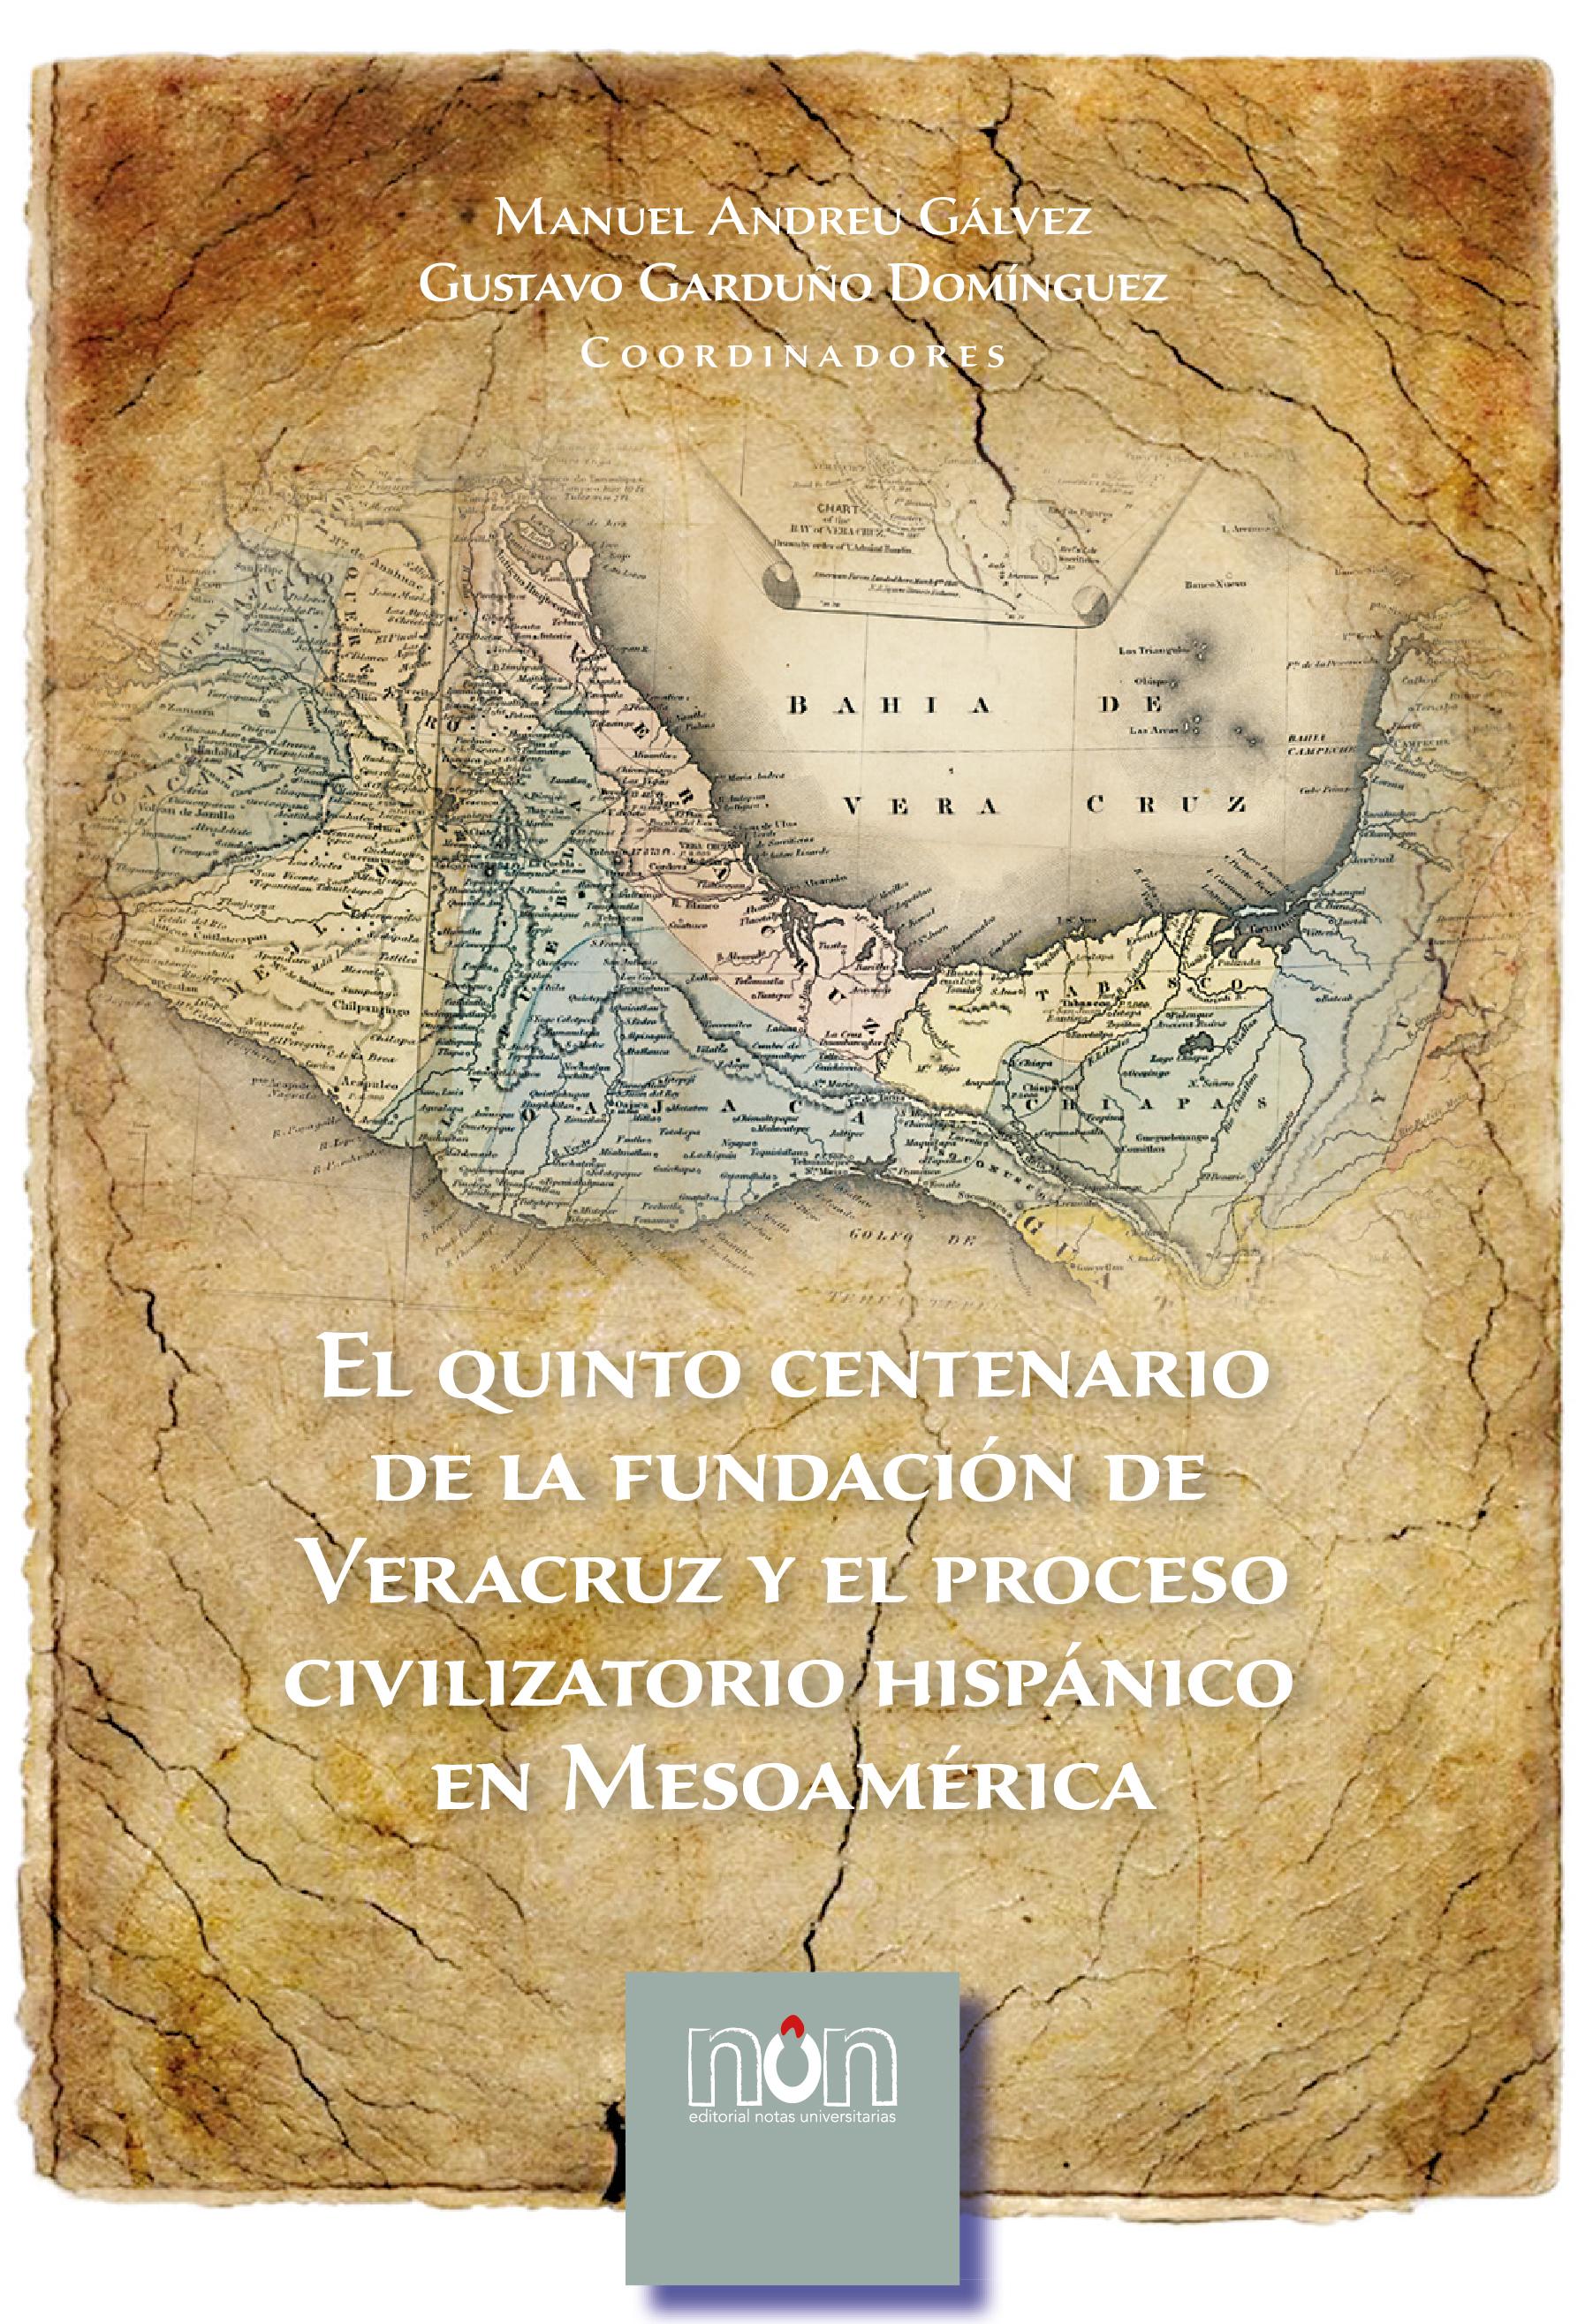 WEB-1 FINAL PORTADA - 500 años Veracruz